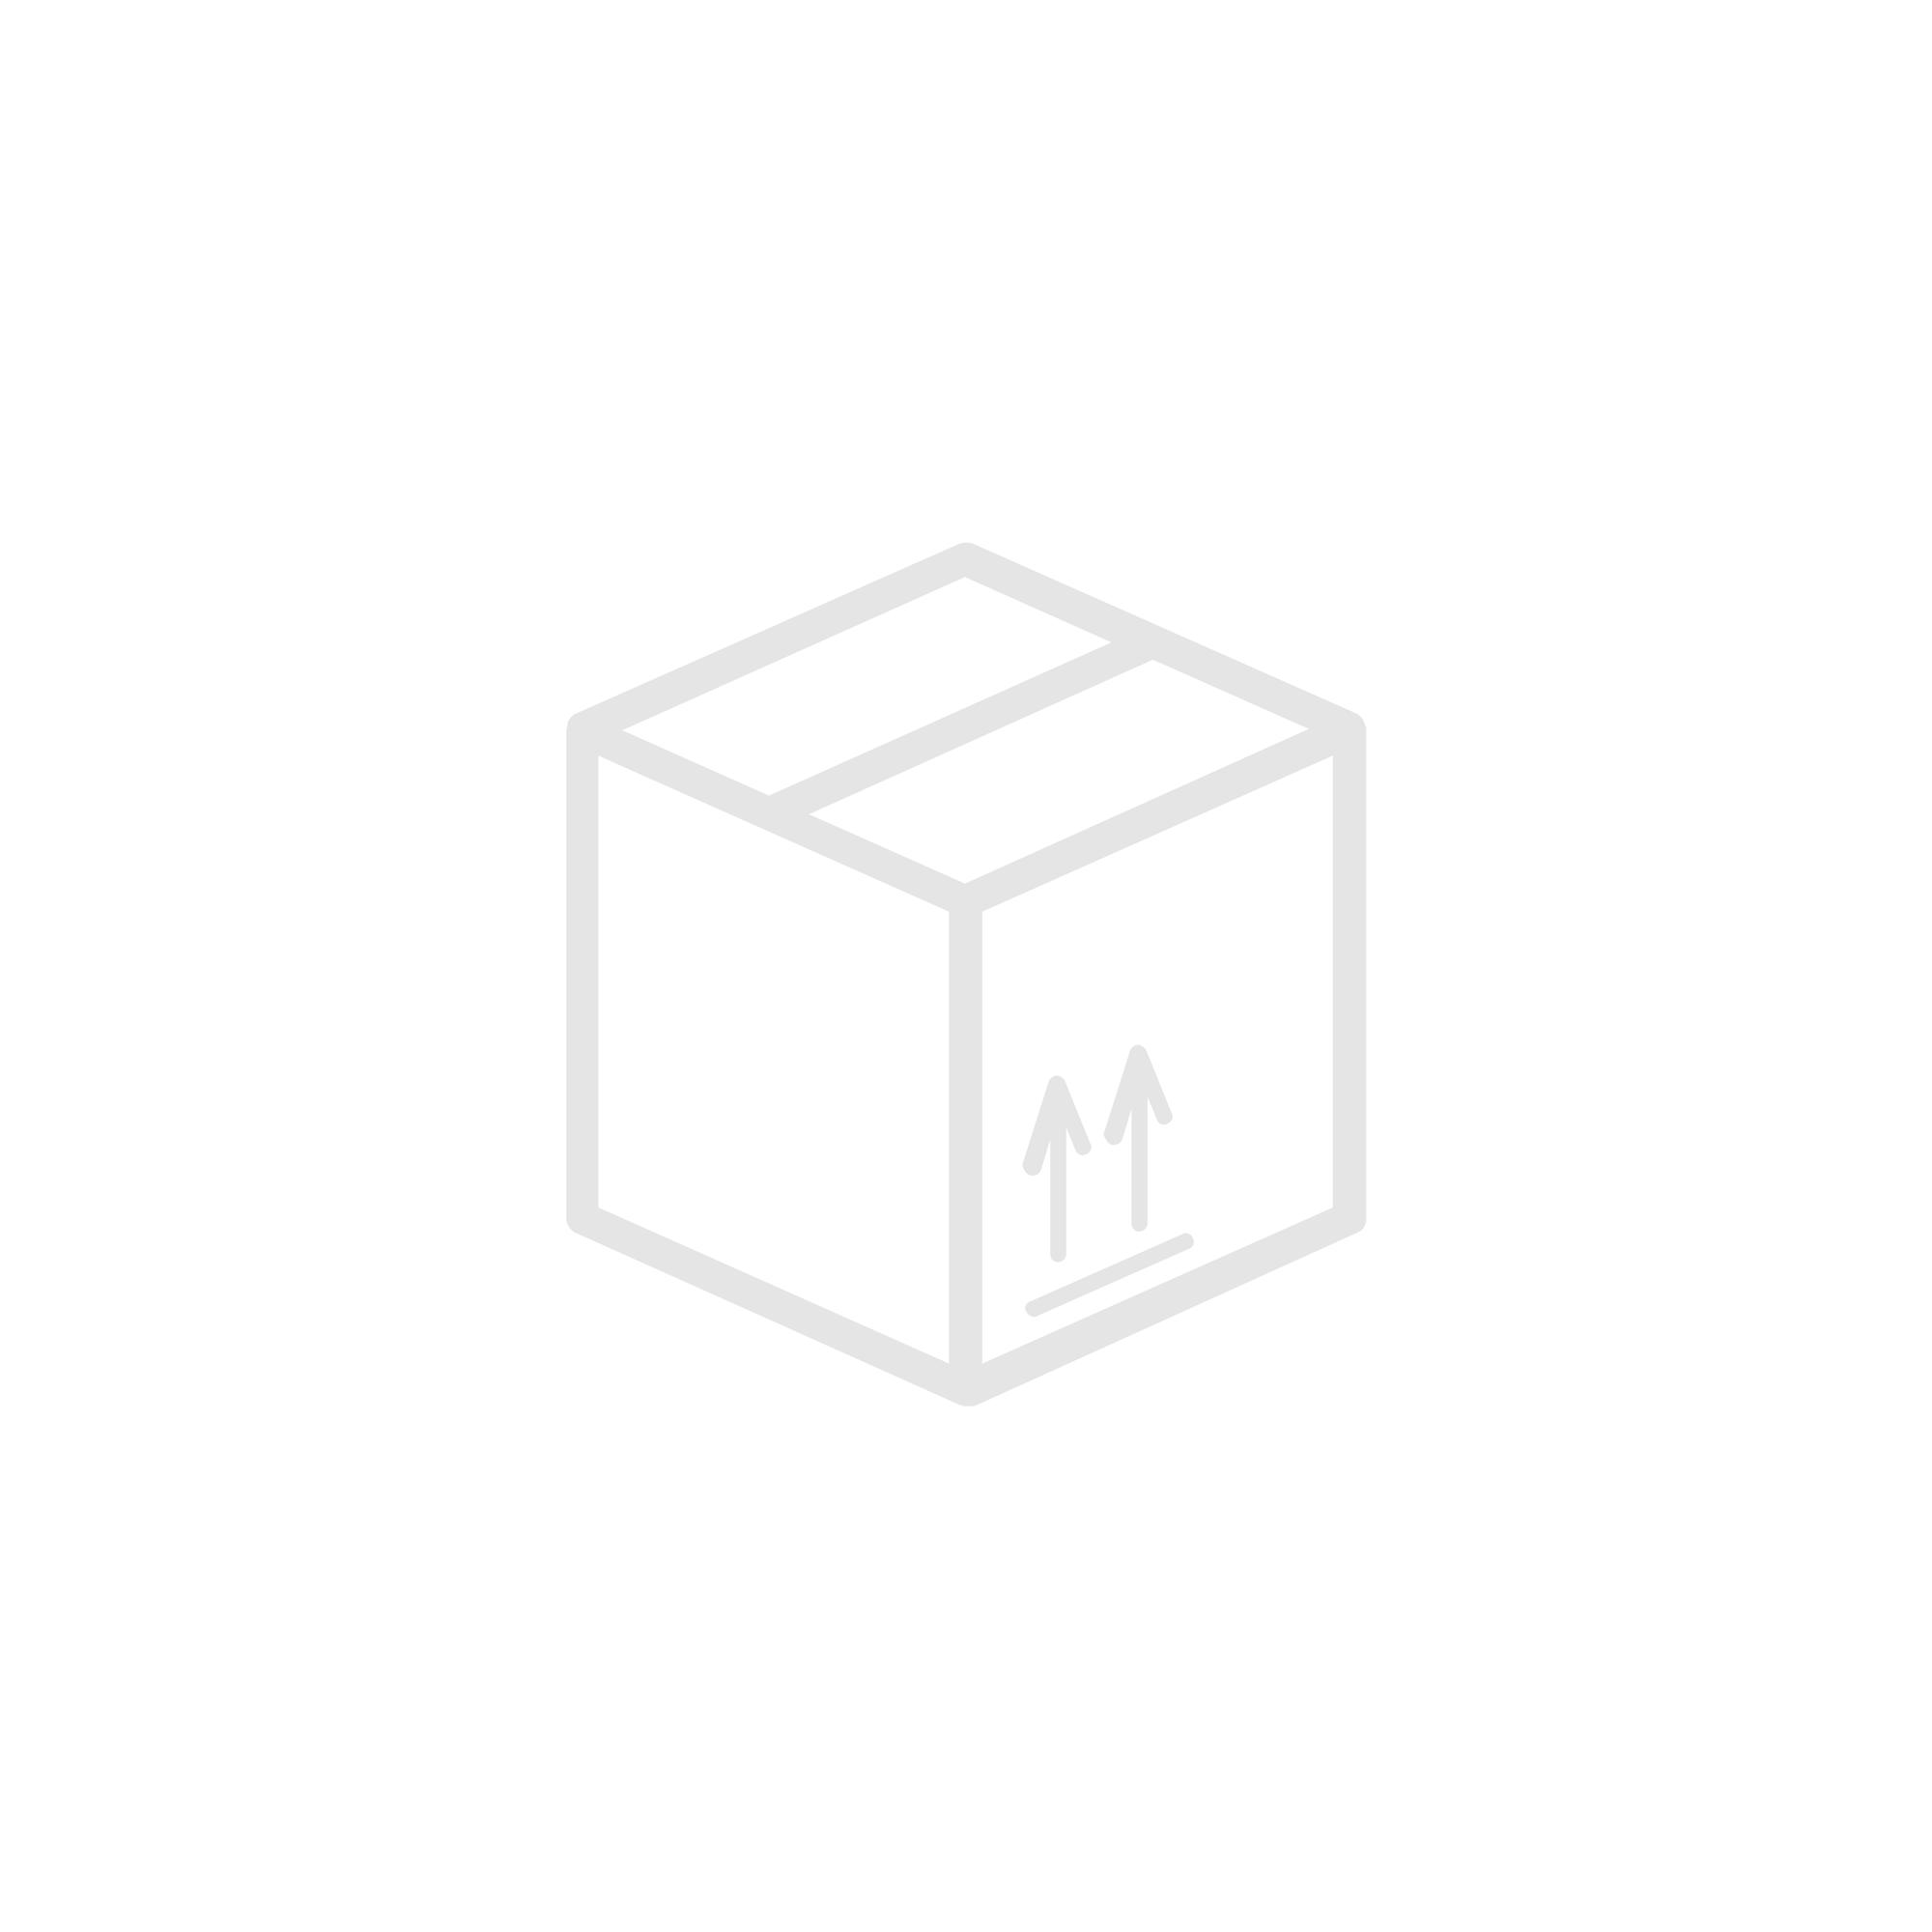 Netatmo - okenní senzory pro vnitřní kameru